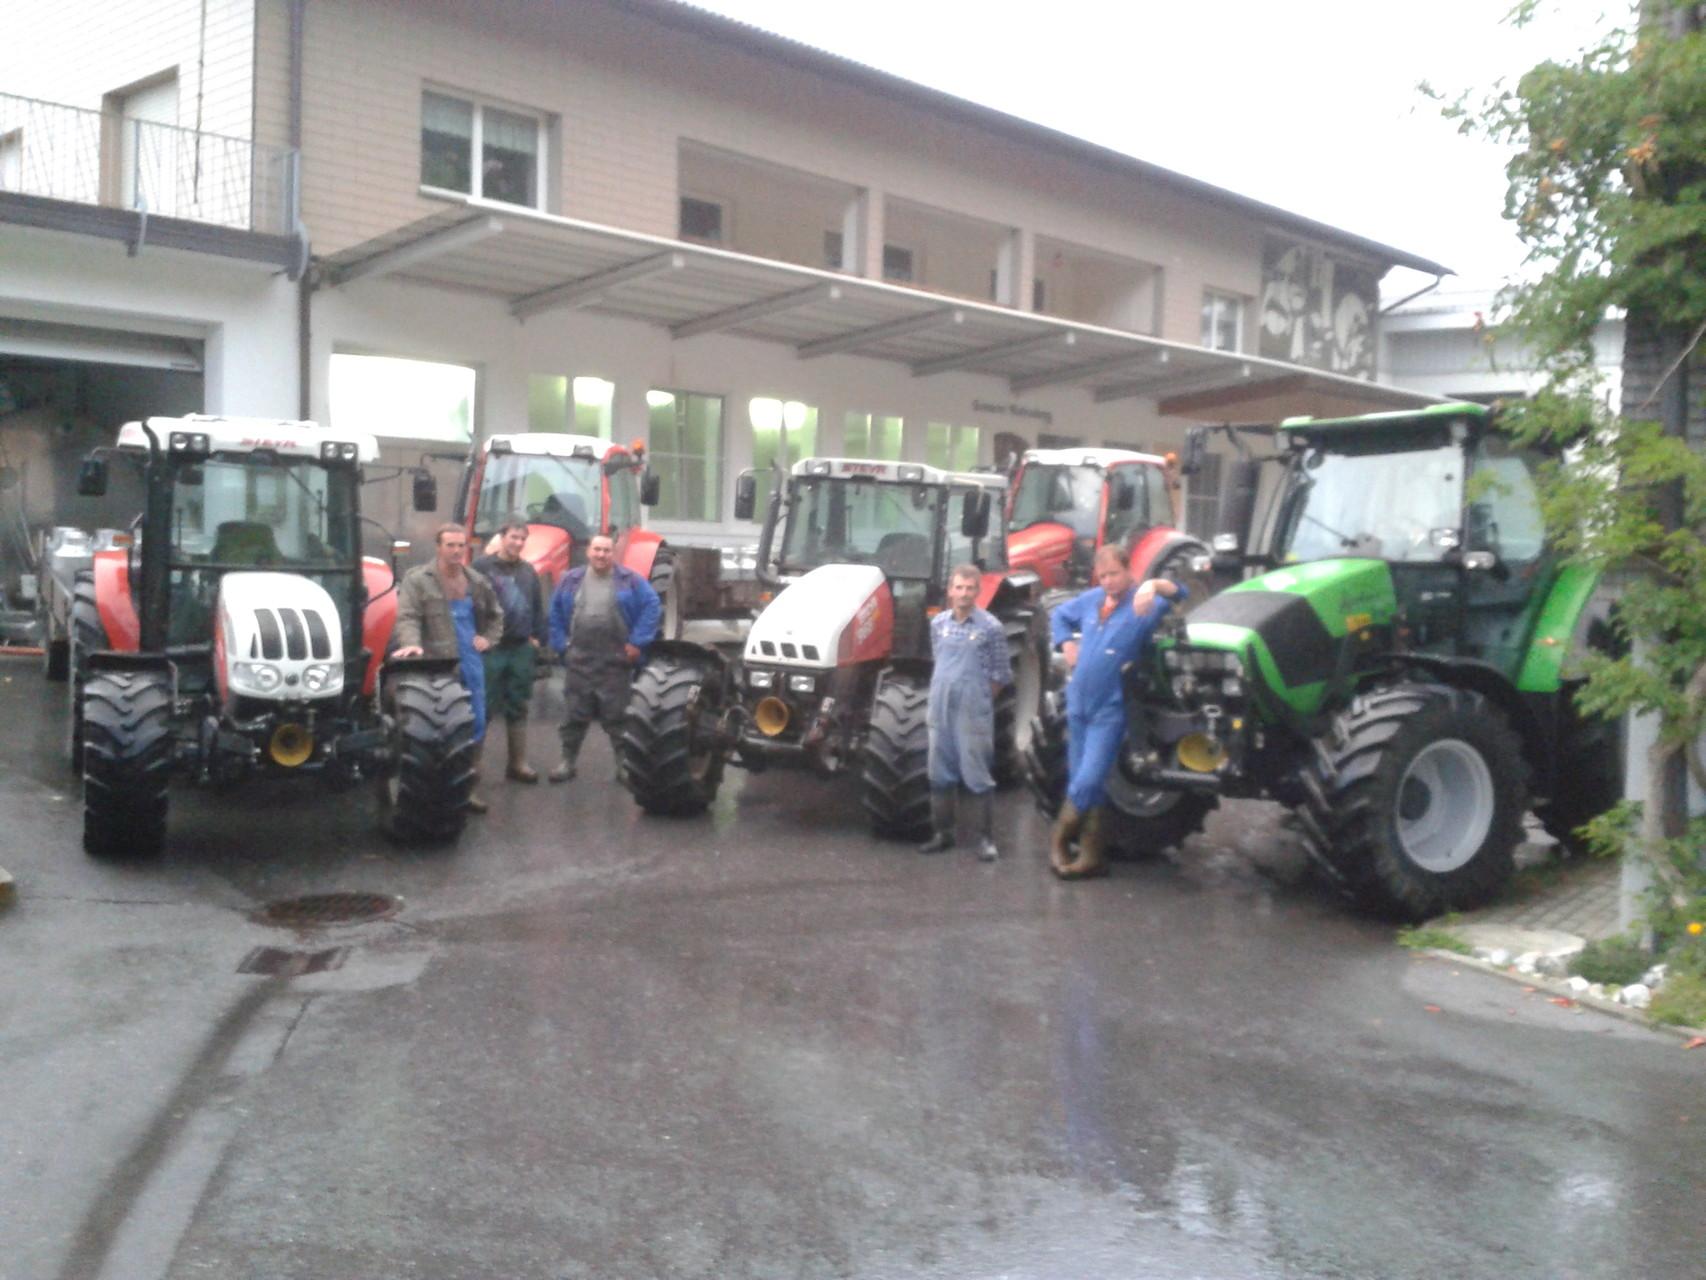 Letzte Anlieferung mit den Milchfuhrwerken